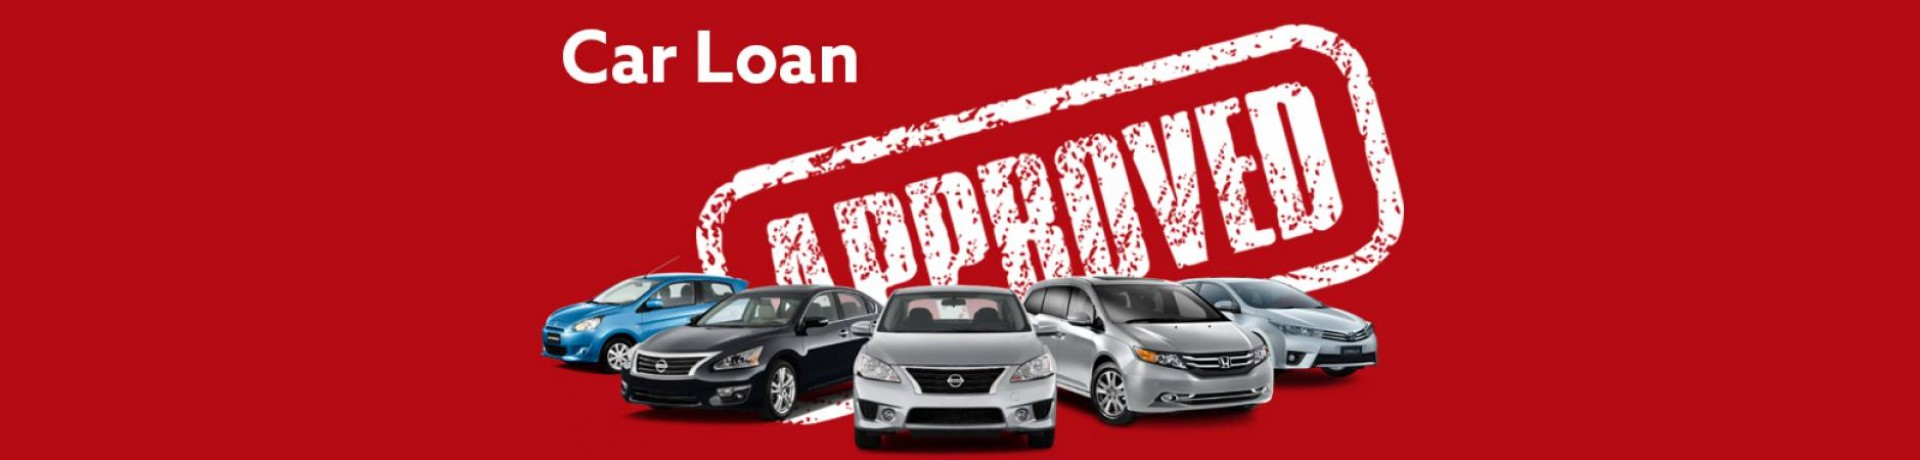 Heritage Motors - Finance - Car Loan